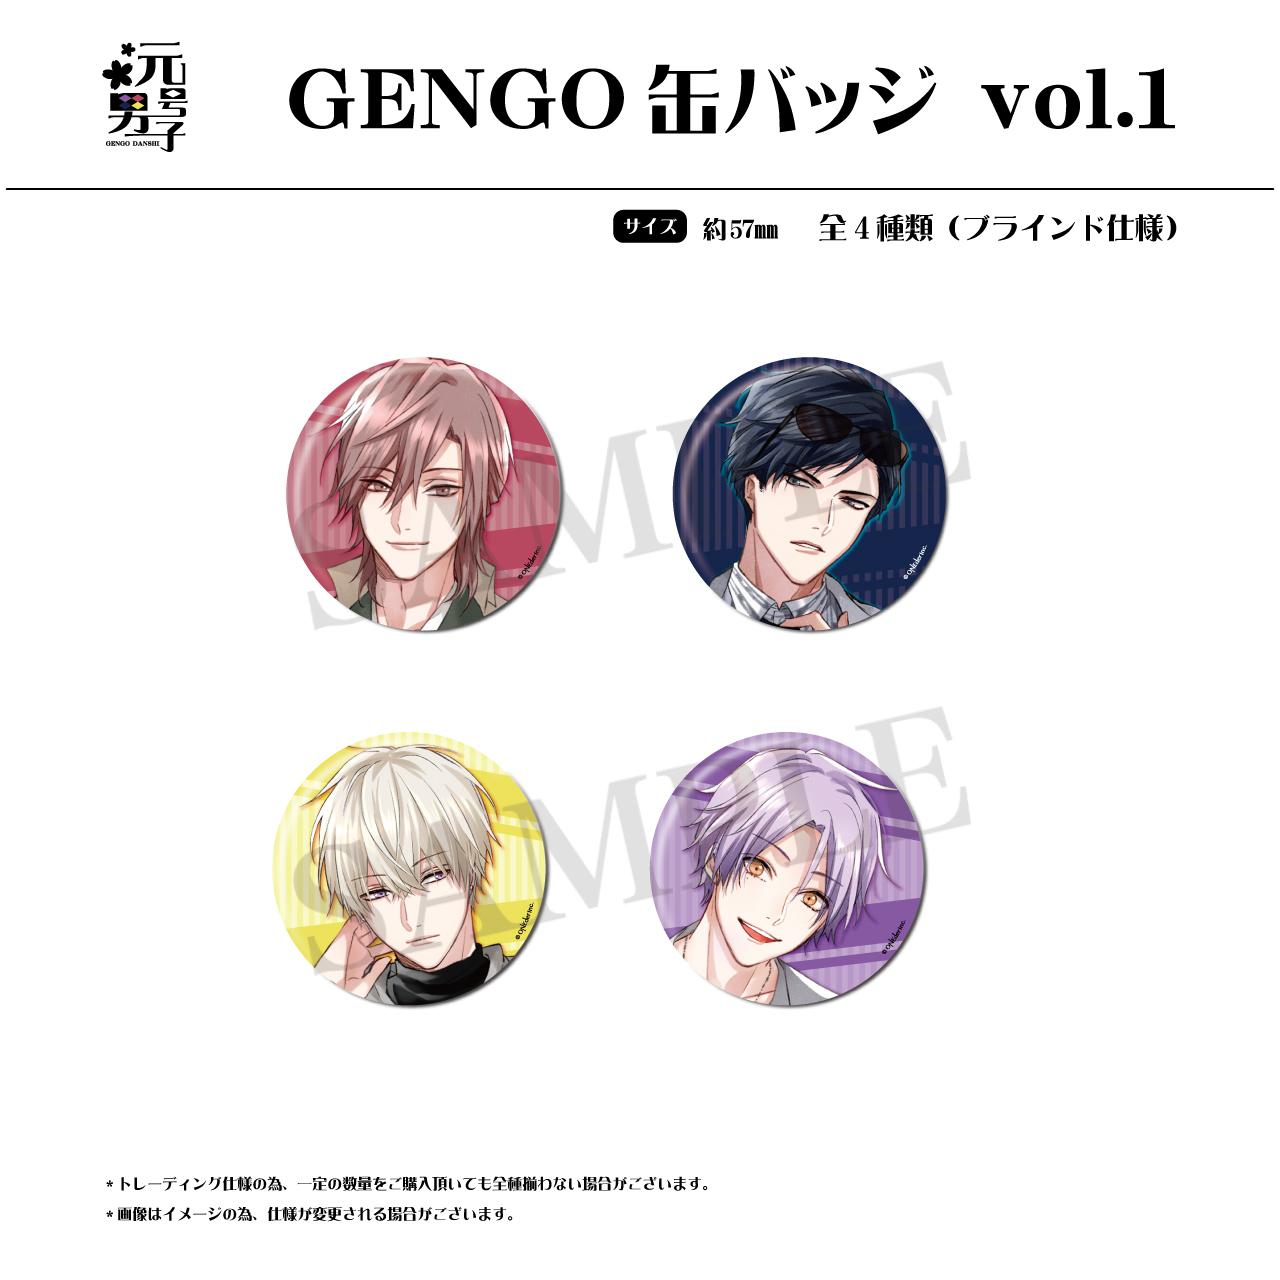 GENGO缶バッジ vol.1